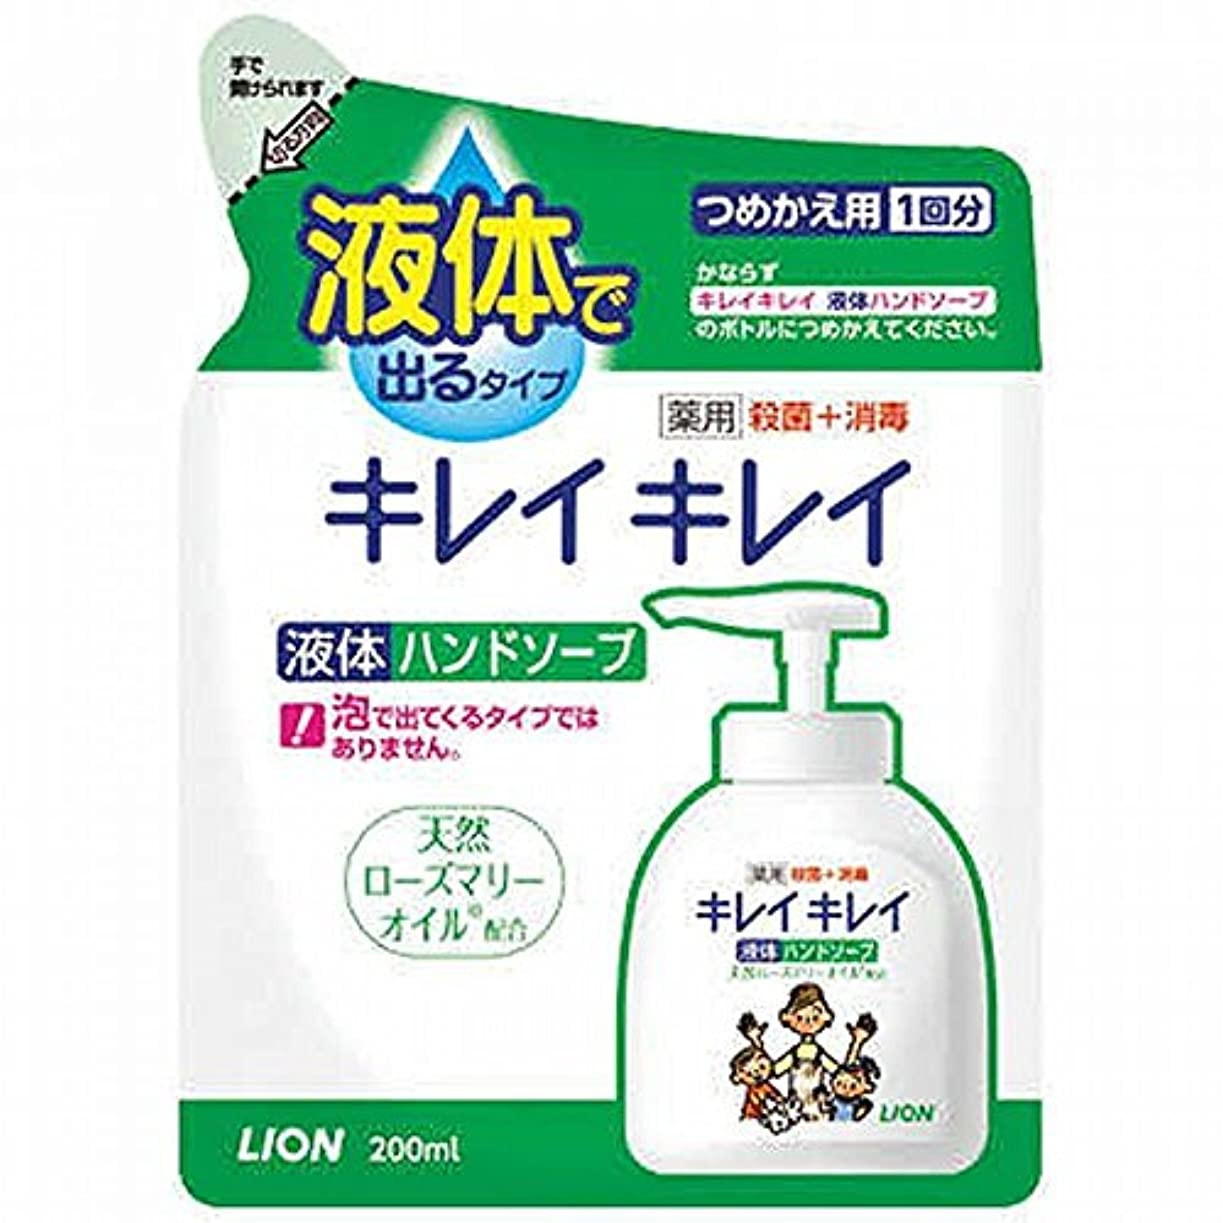 キレイキレイ 薬用液体ハンドソープ  詰替用 200ml ×20個セット